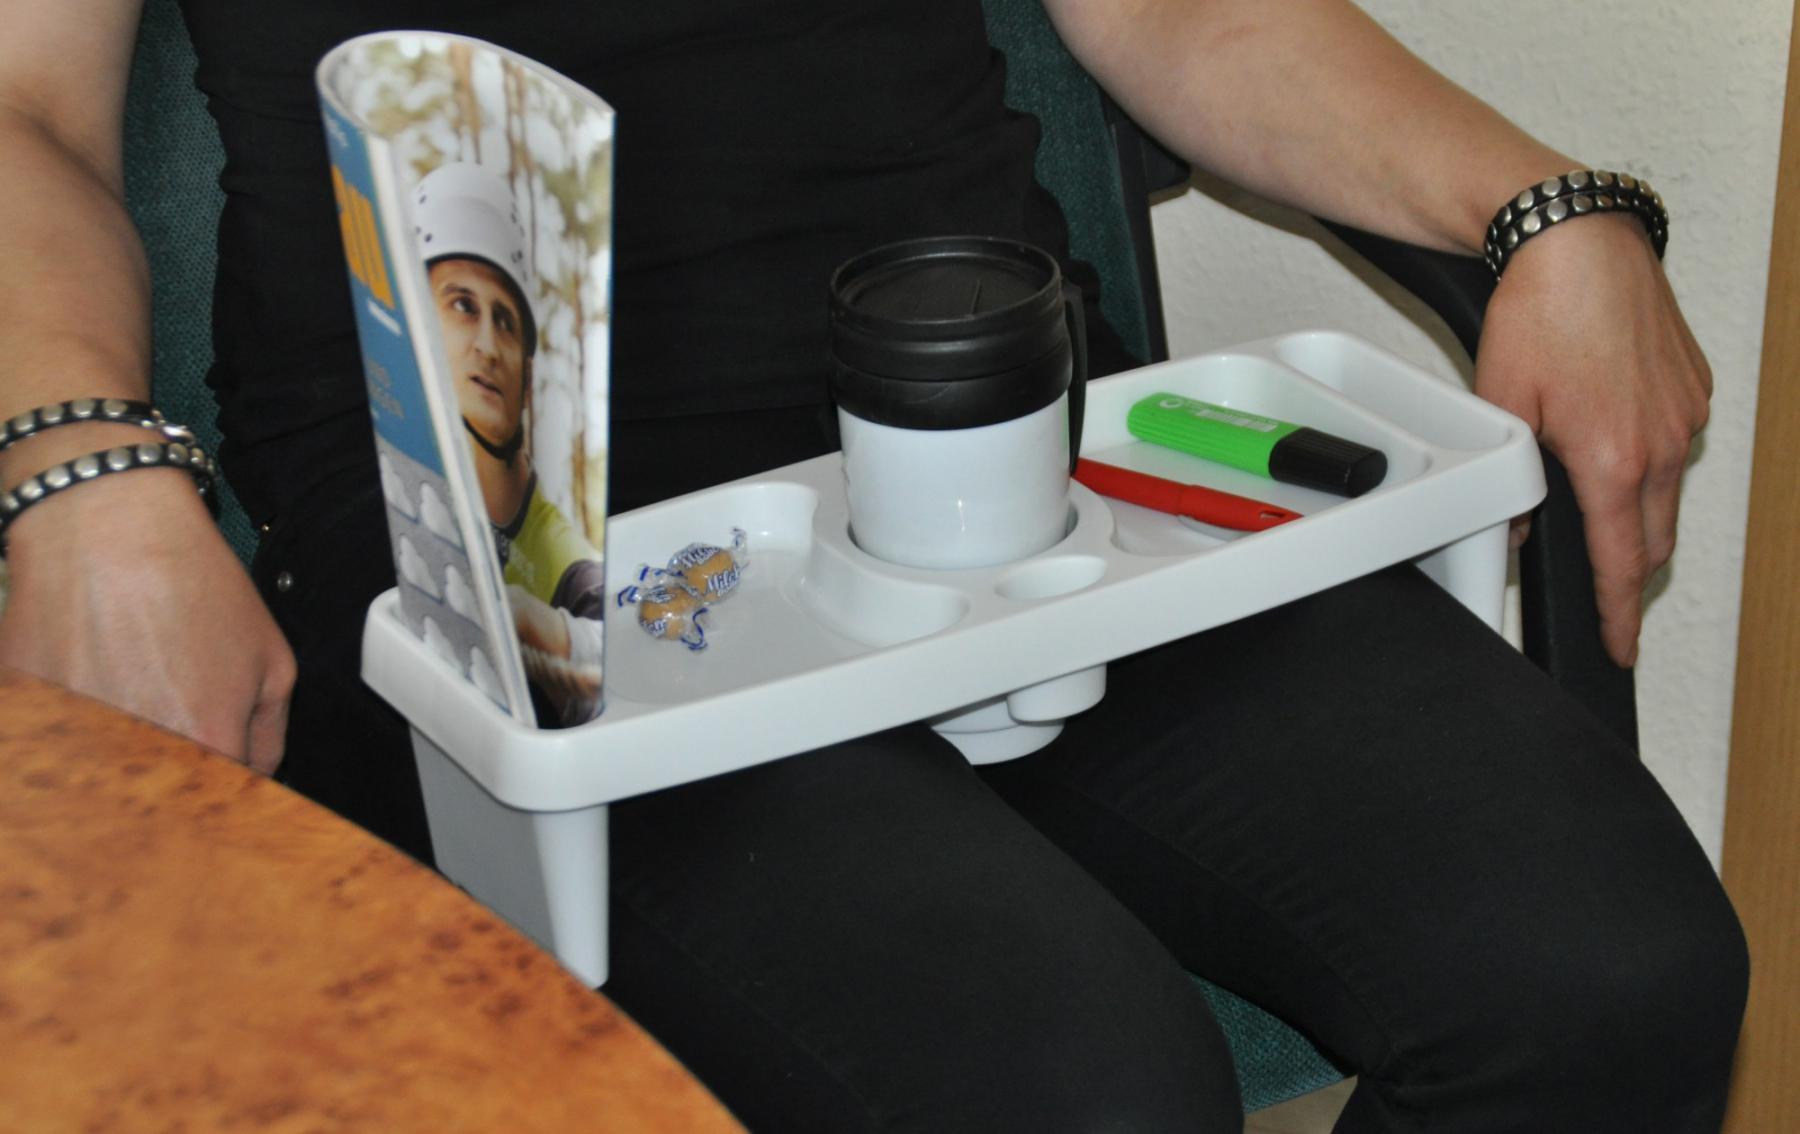 Leander Hochstuhl Anleitung ~ Tablett für kinder bootsgeschirr tragbares abnehmbares tablett für